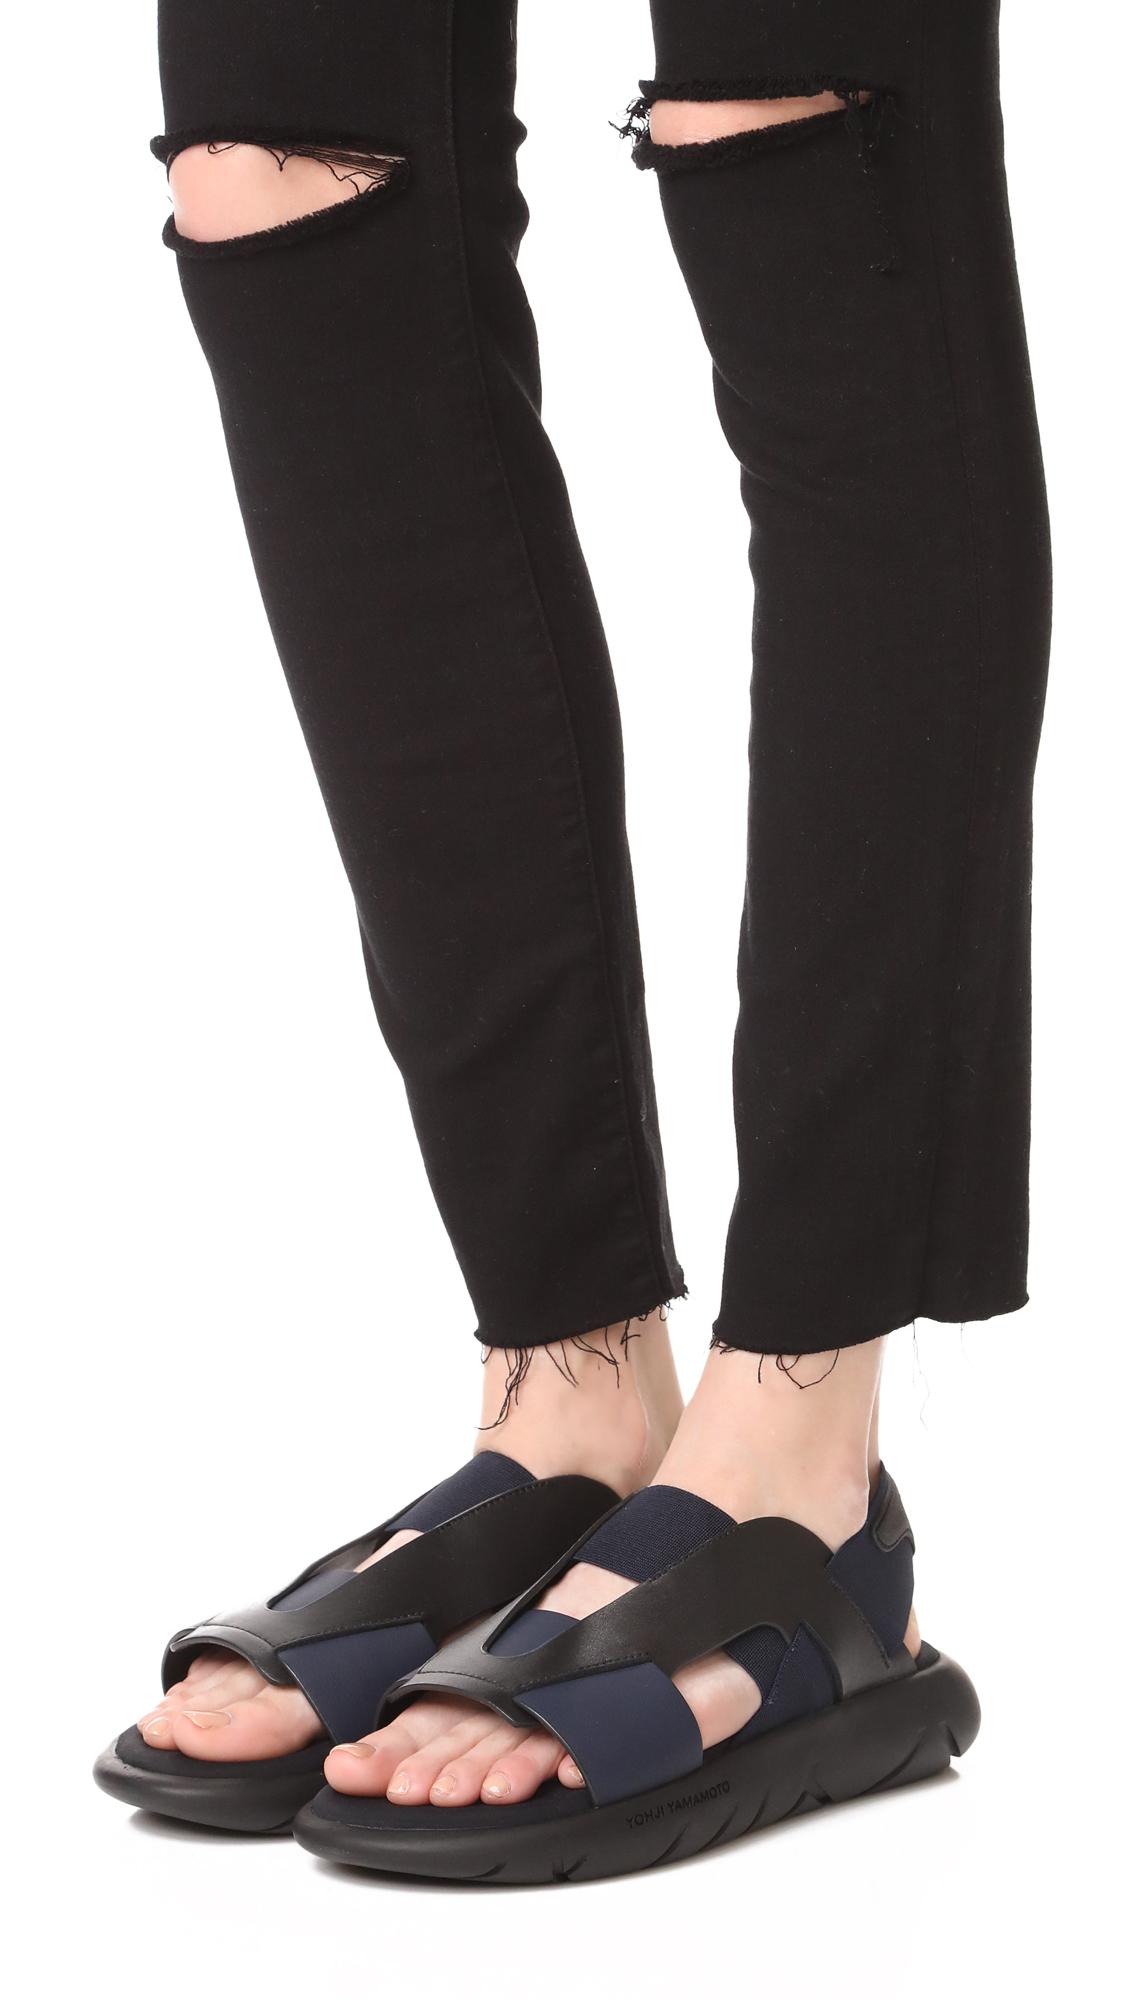 ca062b3c8 Y-3 Y-3 Qasa Elle Sandals